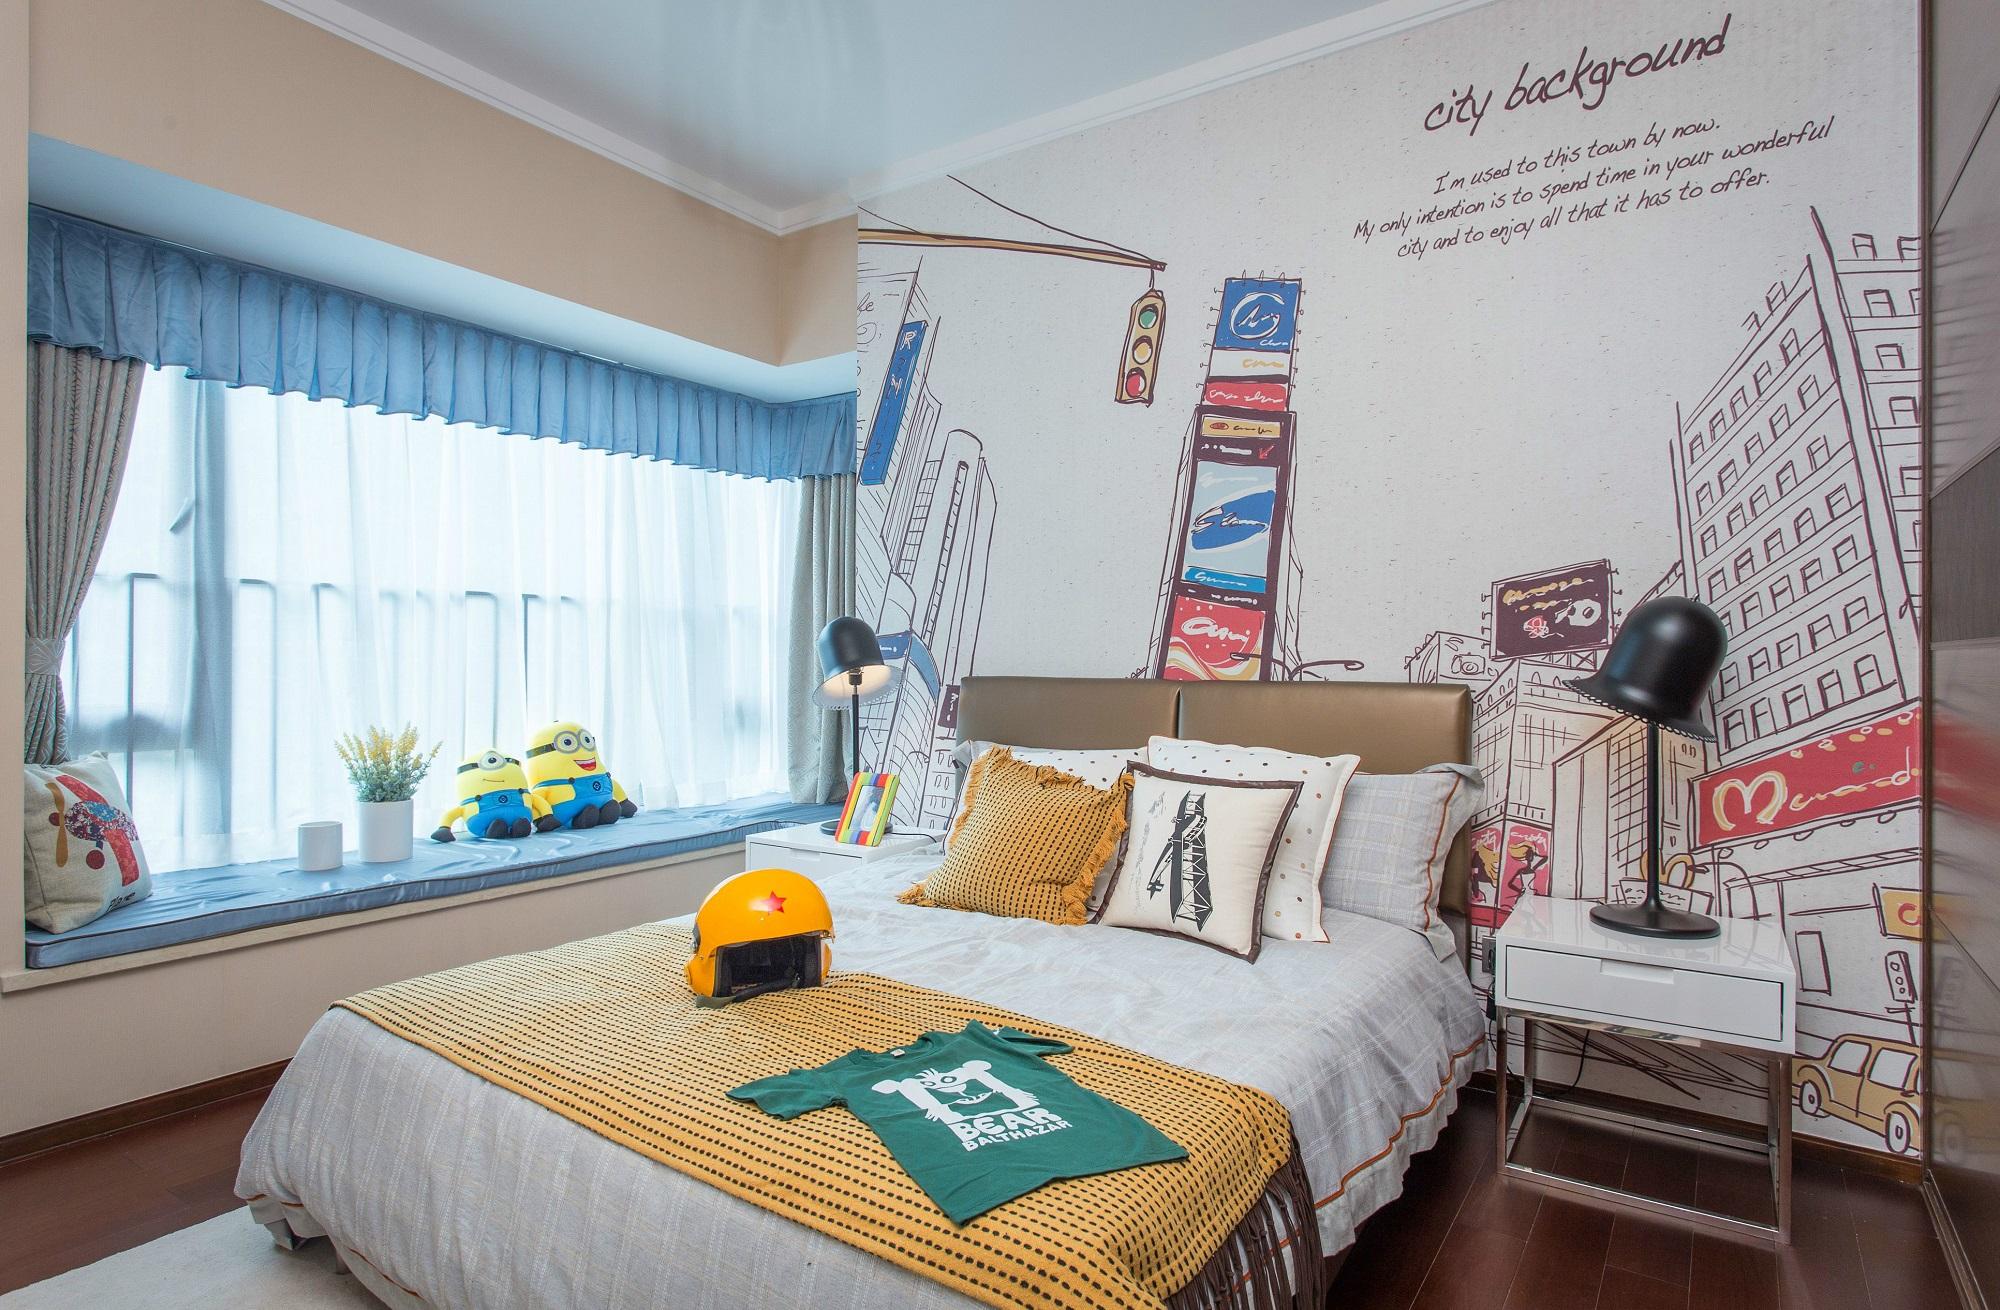 次卧设计为儿童房,蓝色与黄色的软装搭配让居室理性又活泼。